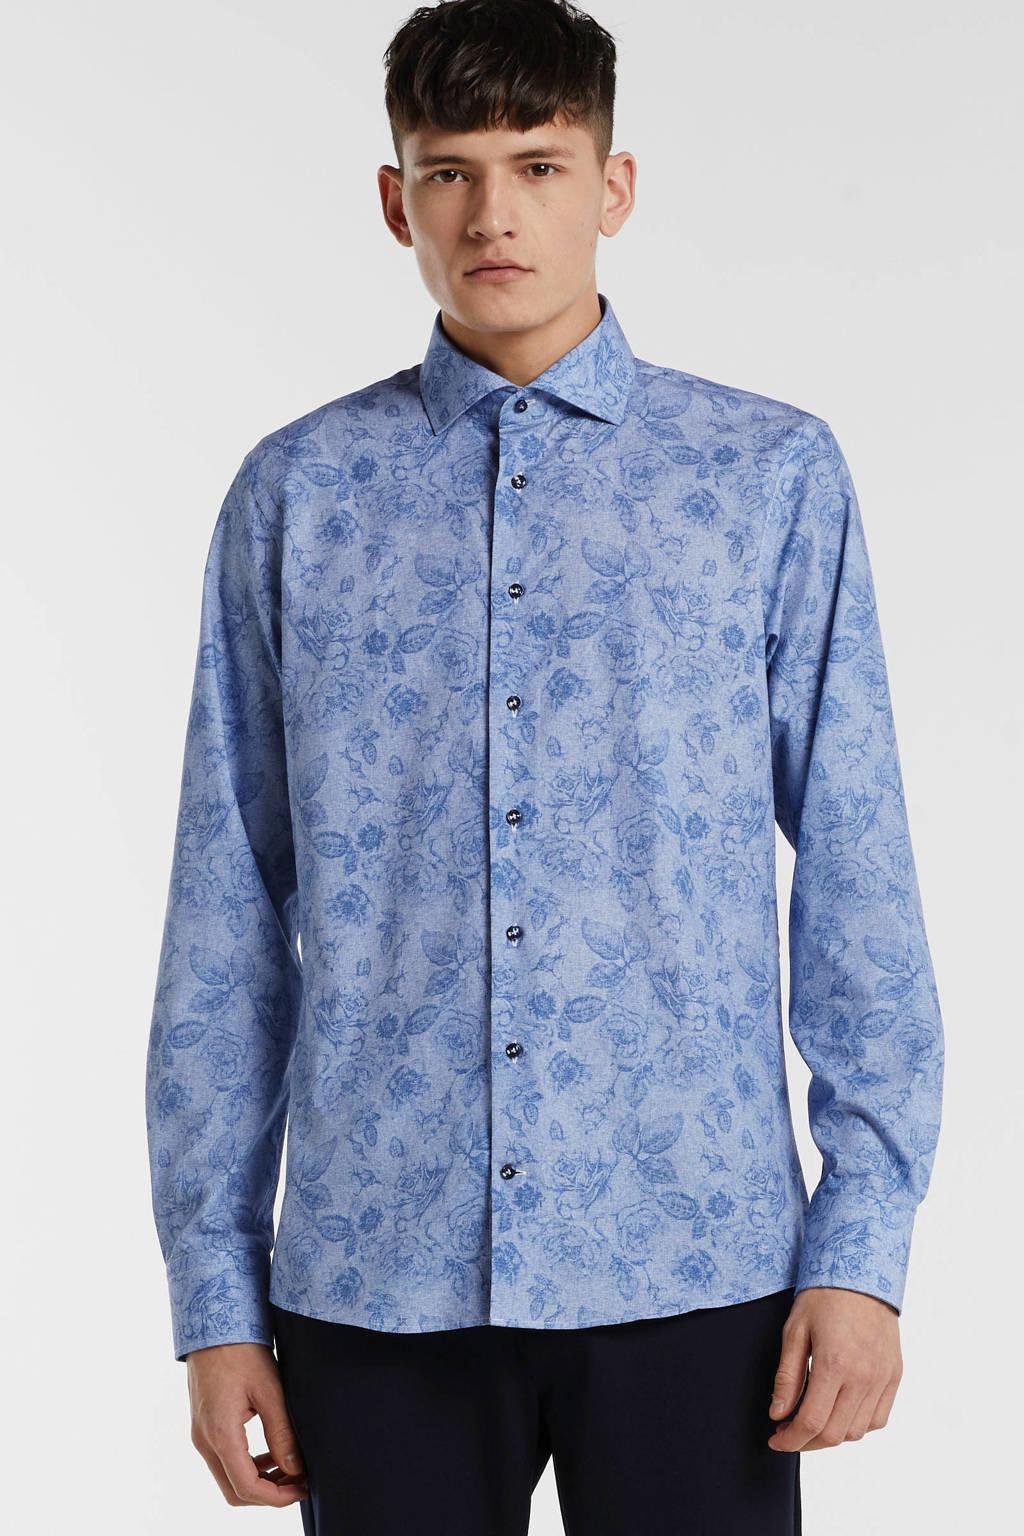 Profuomo gebloemd slim fit overhemd grijsblauw/blauw, Grijsblauw/blauw